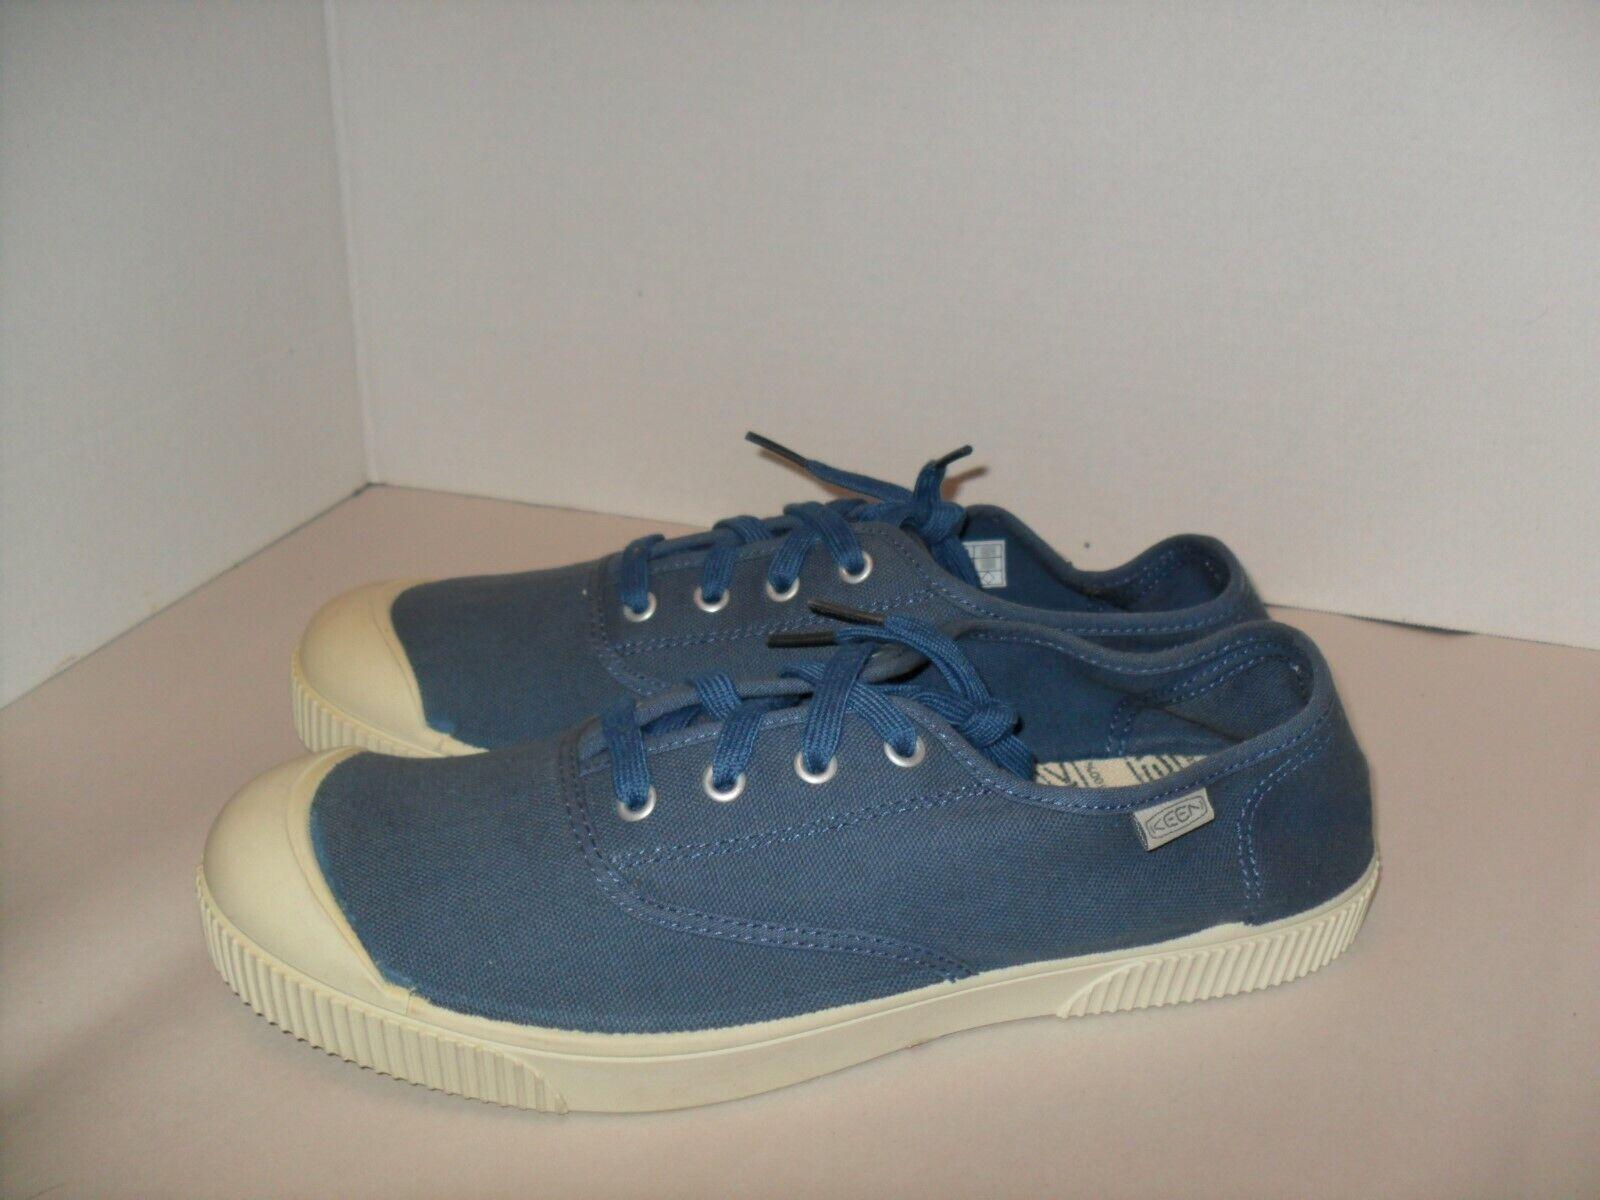 NEW MENS KEEN 100/% VULCANIZED FOOT WEAR SNEAKER SHOES BLUE /& WHITE US SZ 10 /& 11